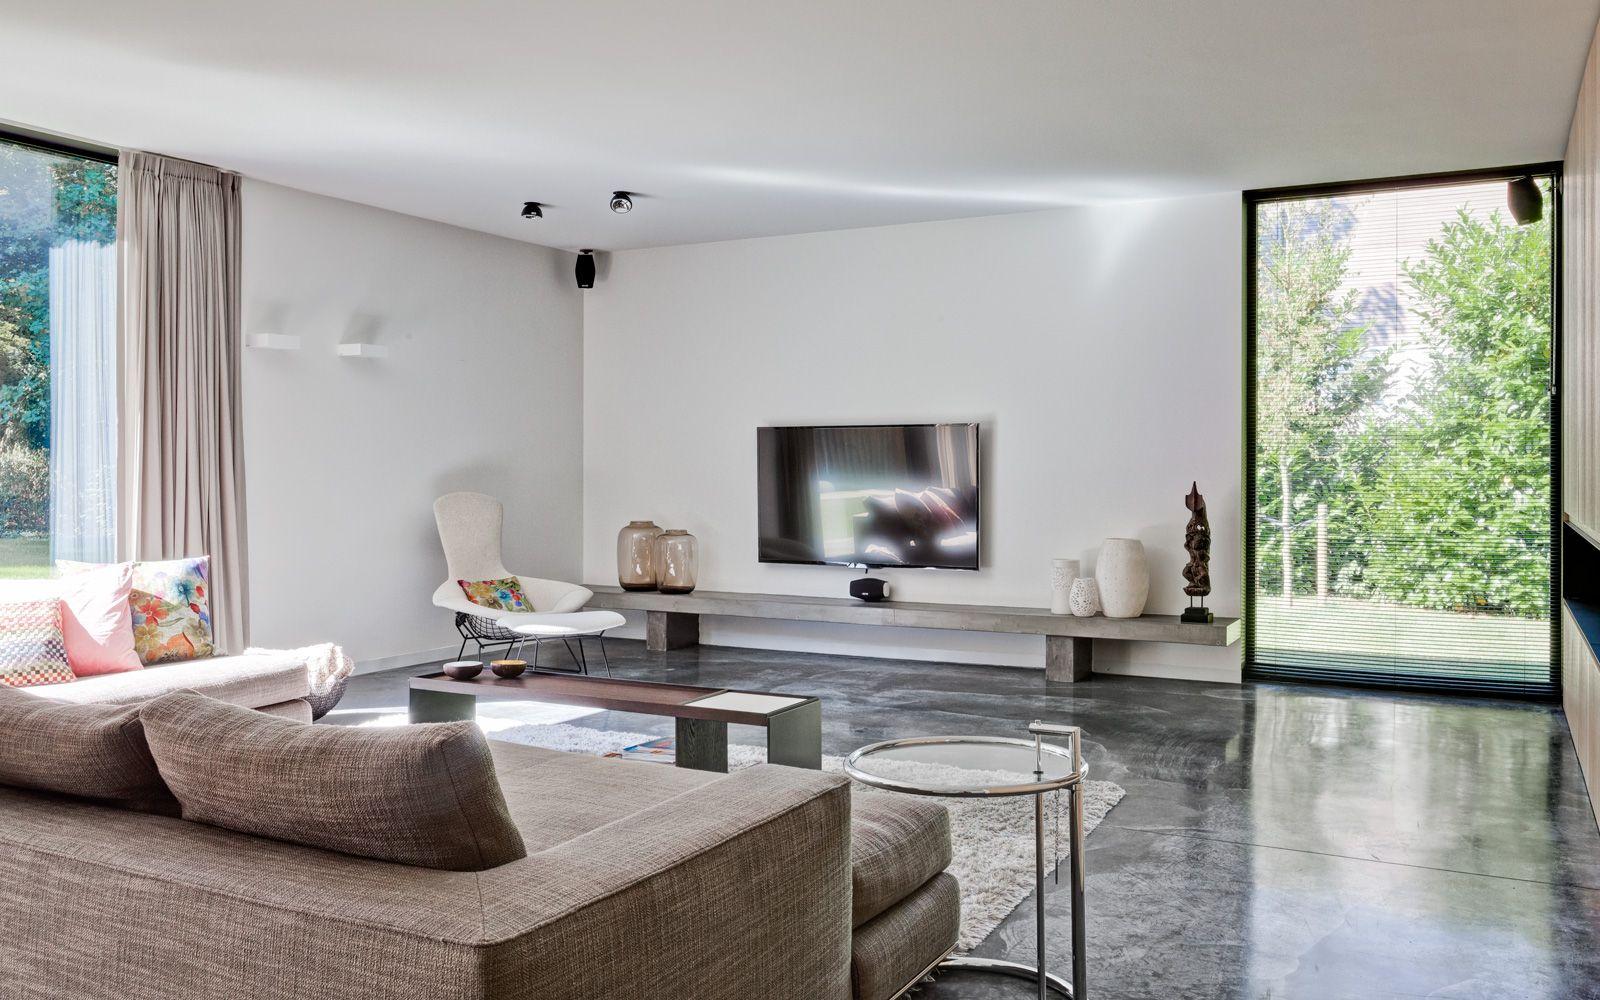 Moderne Traditionele Woonkamer : Metamorfose traditionele woning villas pinterest woonkamer